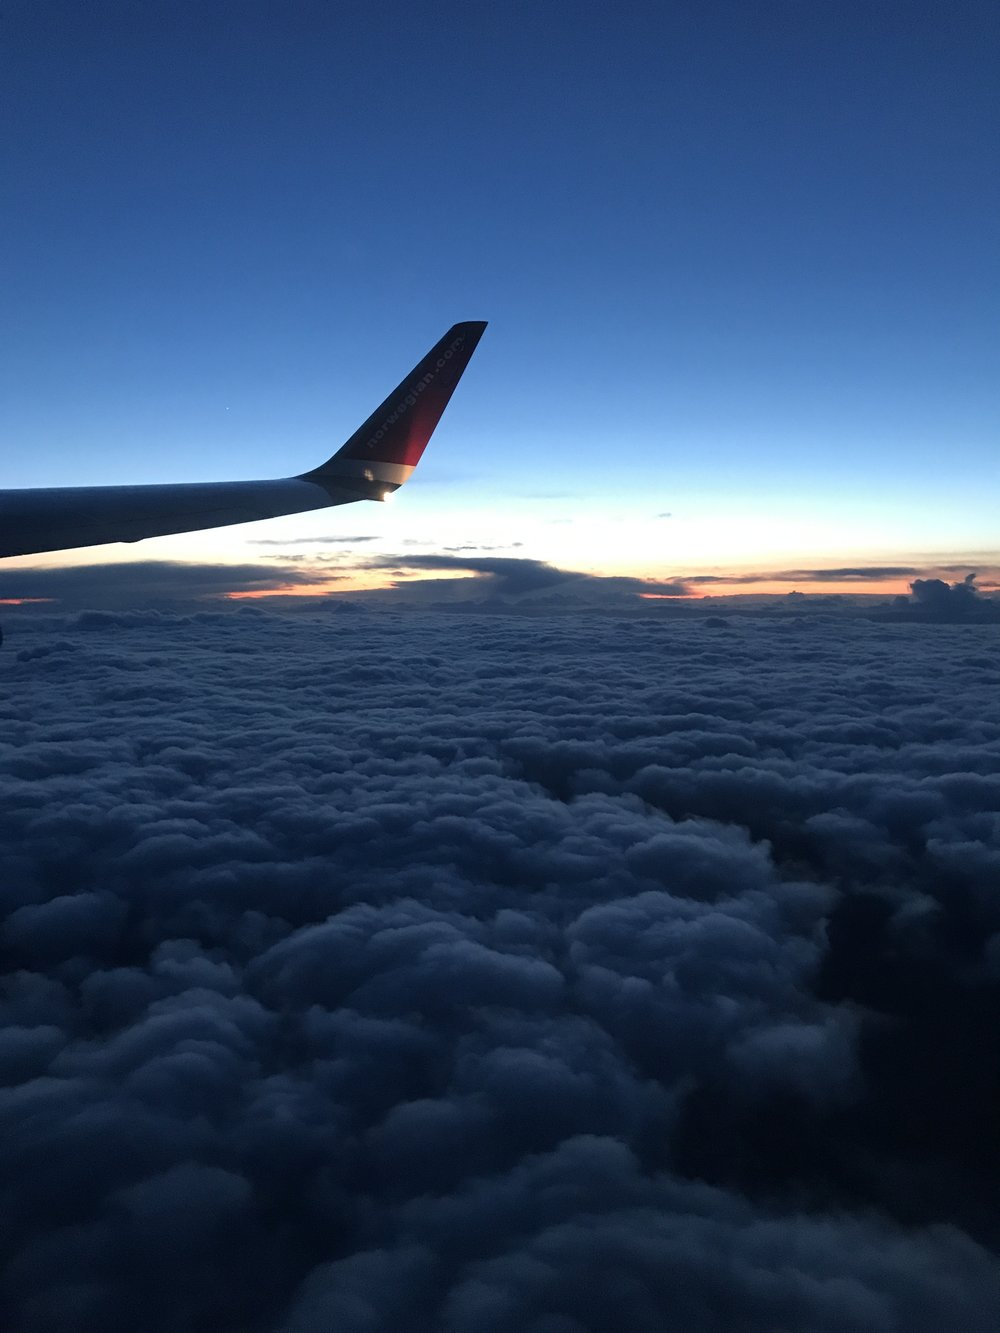 Stamina Bodø var en fantastisk opplevelse og jeg satt full av inspirasjon på flyet på vei hjem.